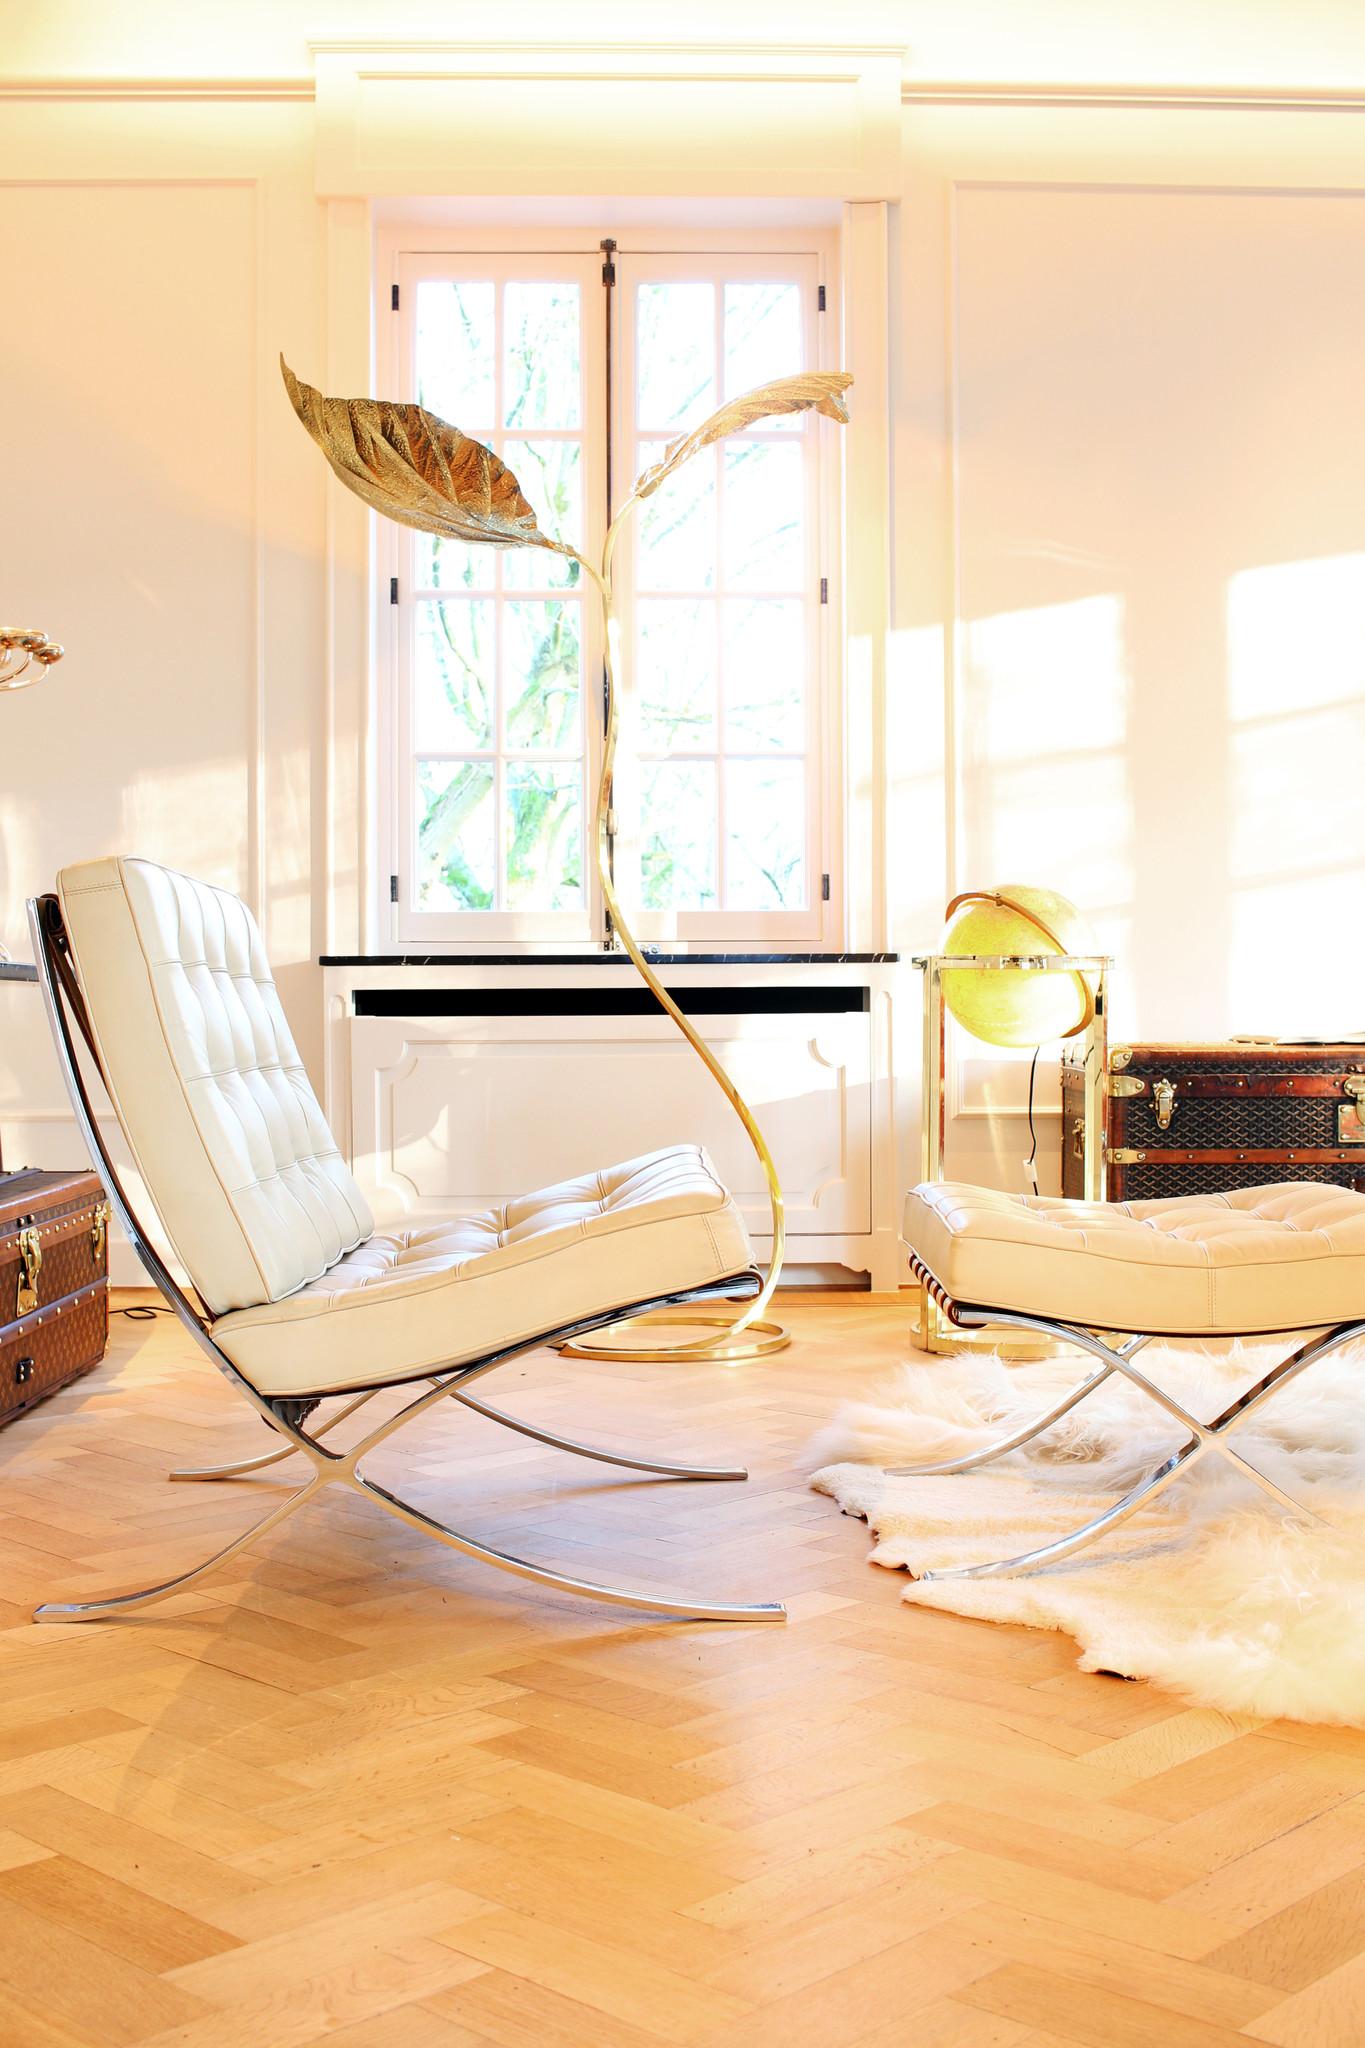 Barcelona Chairs met poef ontworpen door Mies Van der Rohe voor Knoll, 1929